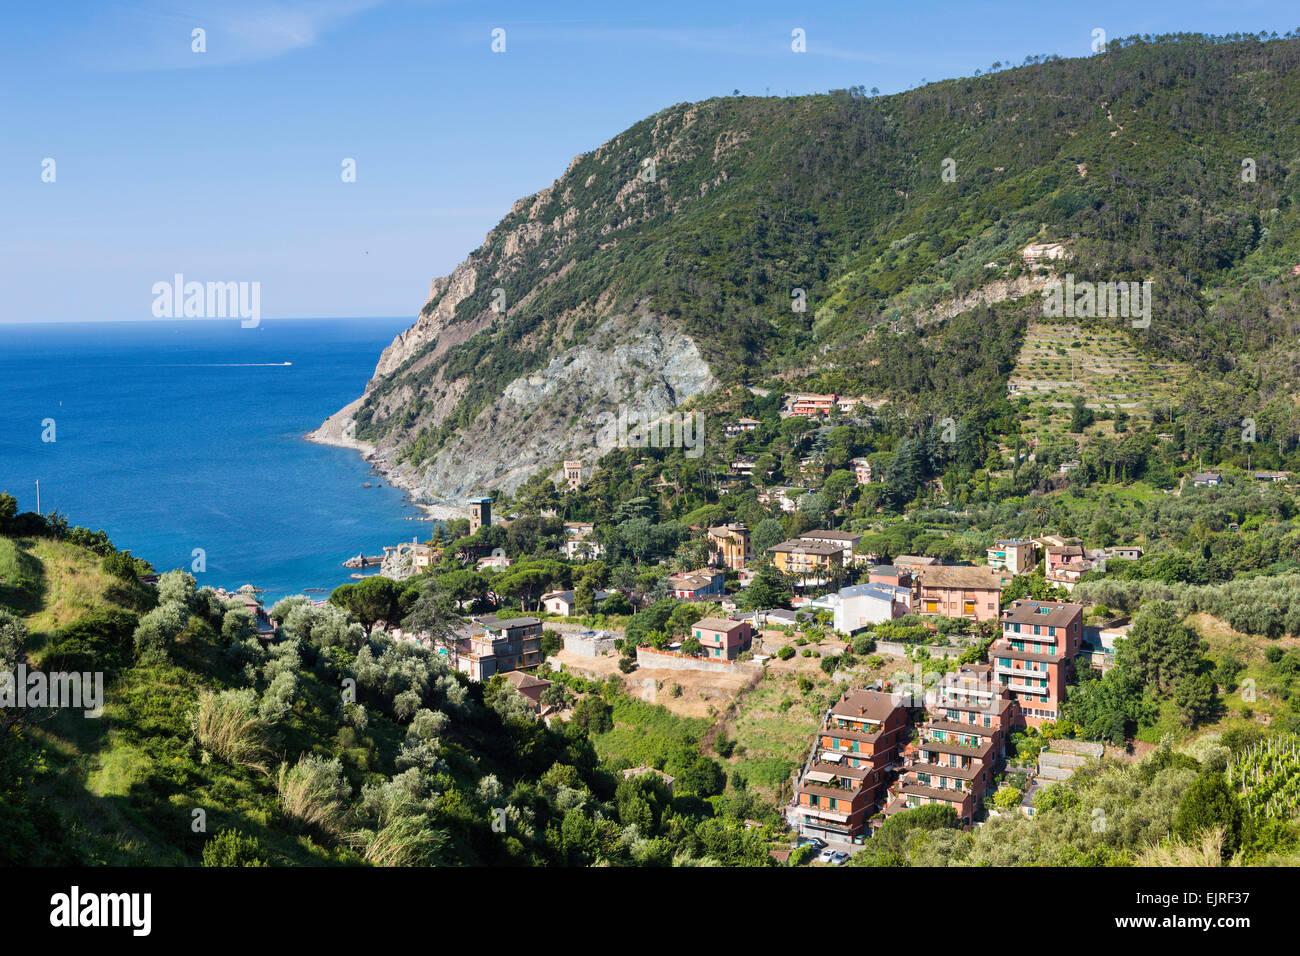 Elevated view over Monterosso al Mare, Cinque Terre, Liguria, Italy Stock Photo